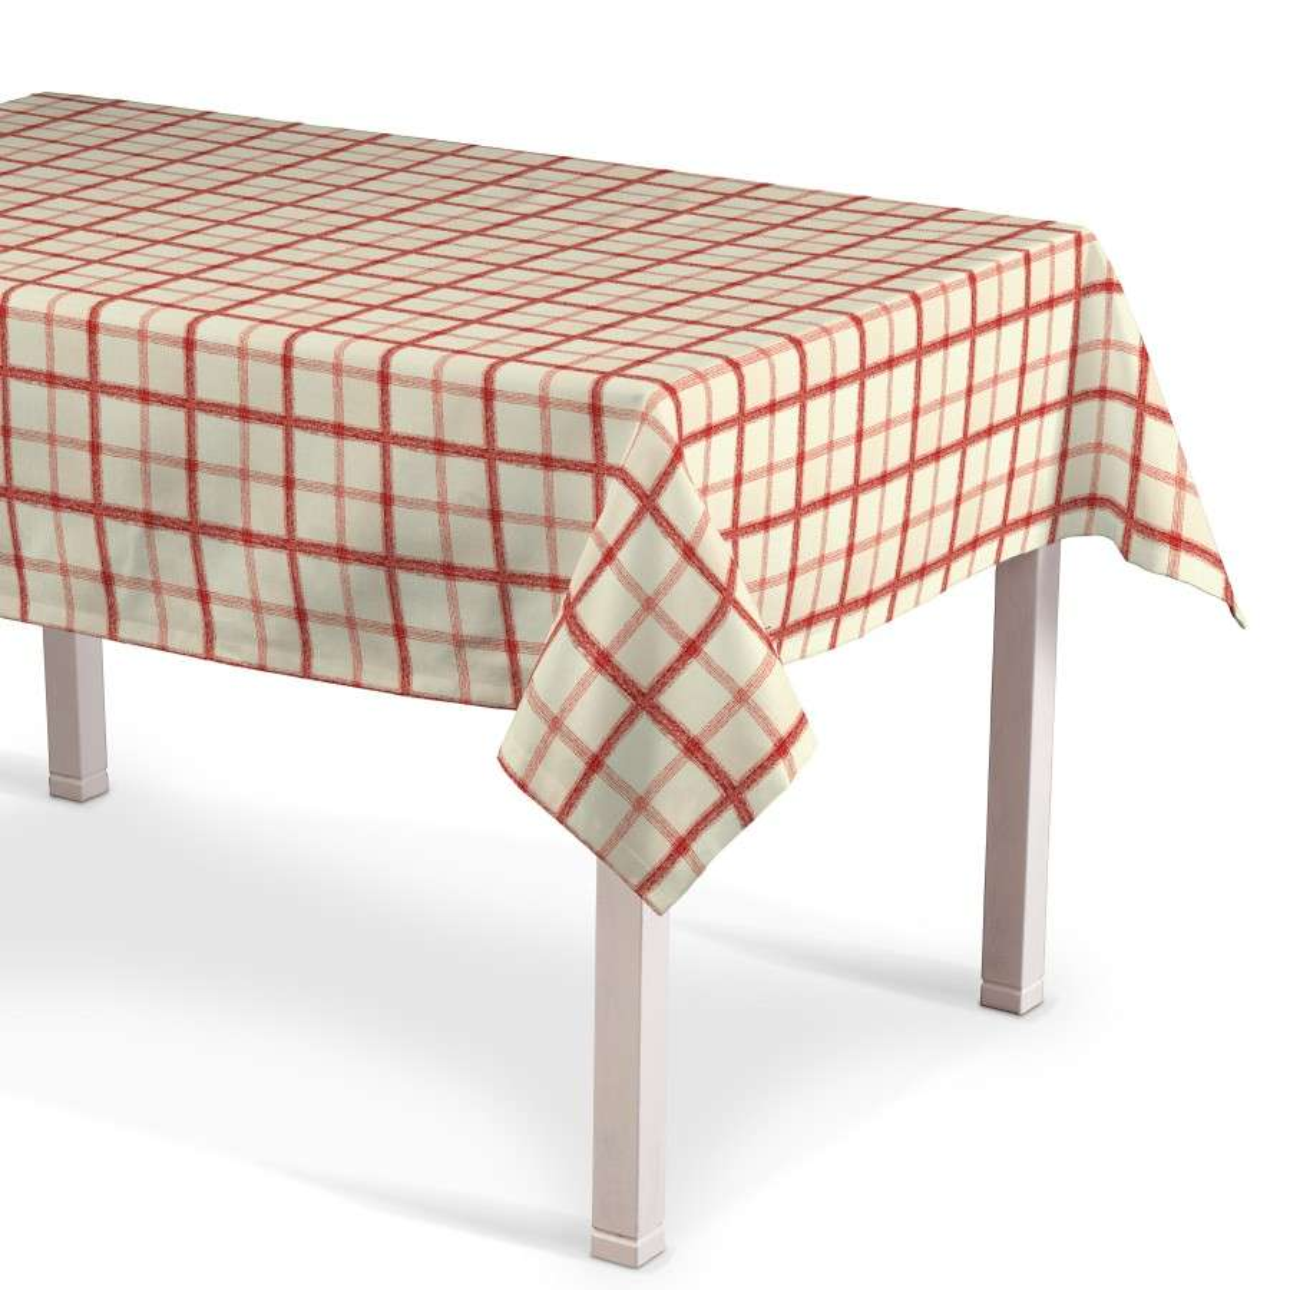 Rektangulære borddug 130 x 130 cm fra kollektionen Avinon, Stof: 131-15